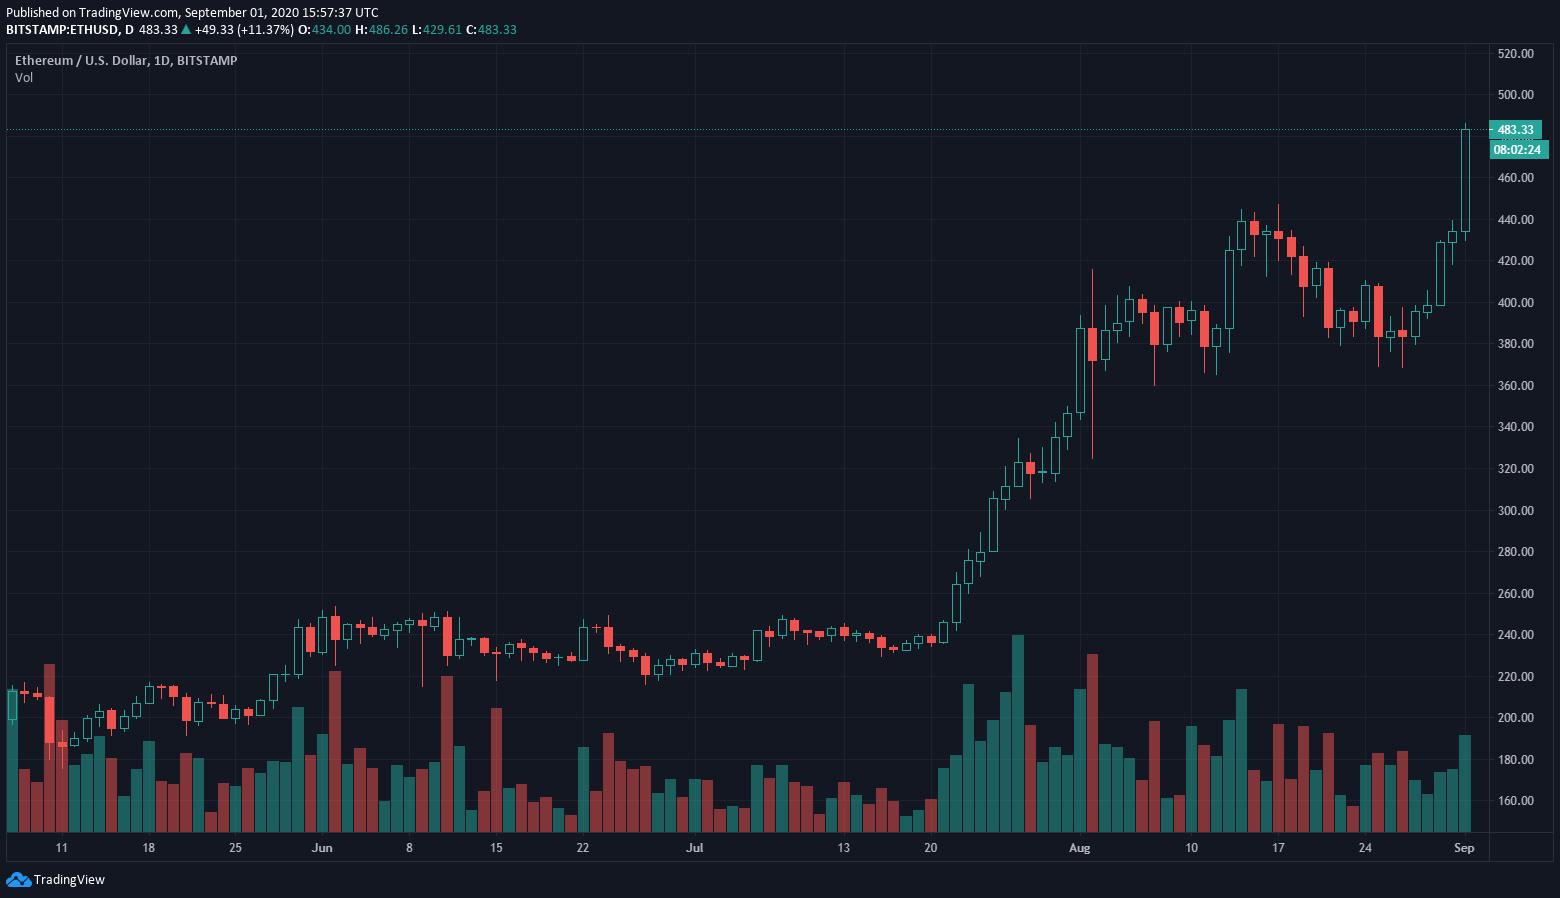 Во вторник, 1 сентября, курс Ethereum достиг $485. На таких высоких уровнях вторая по капитализации криптовалюта ранее торговалась более двух лет назад, в июле 2018 года.